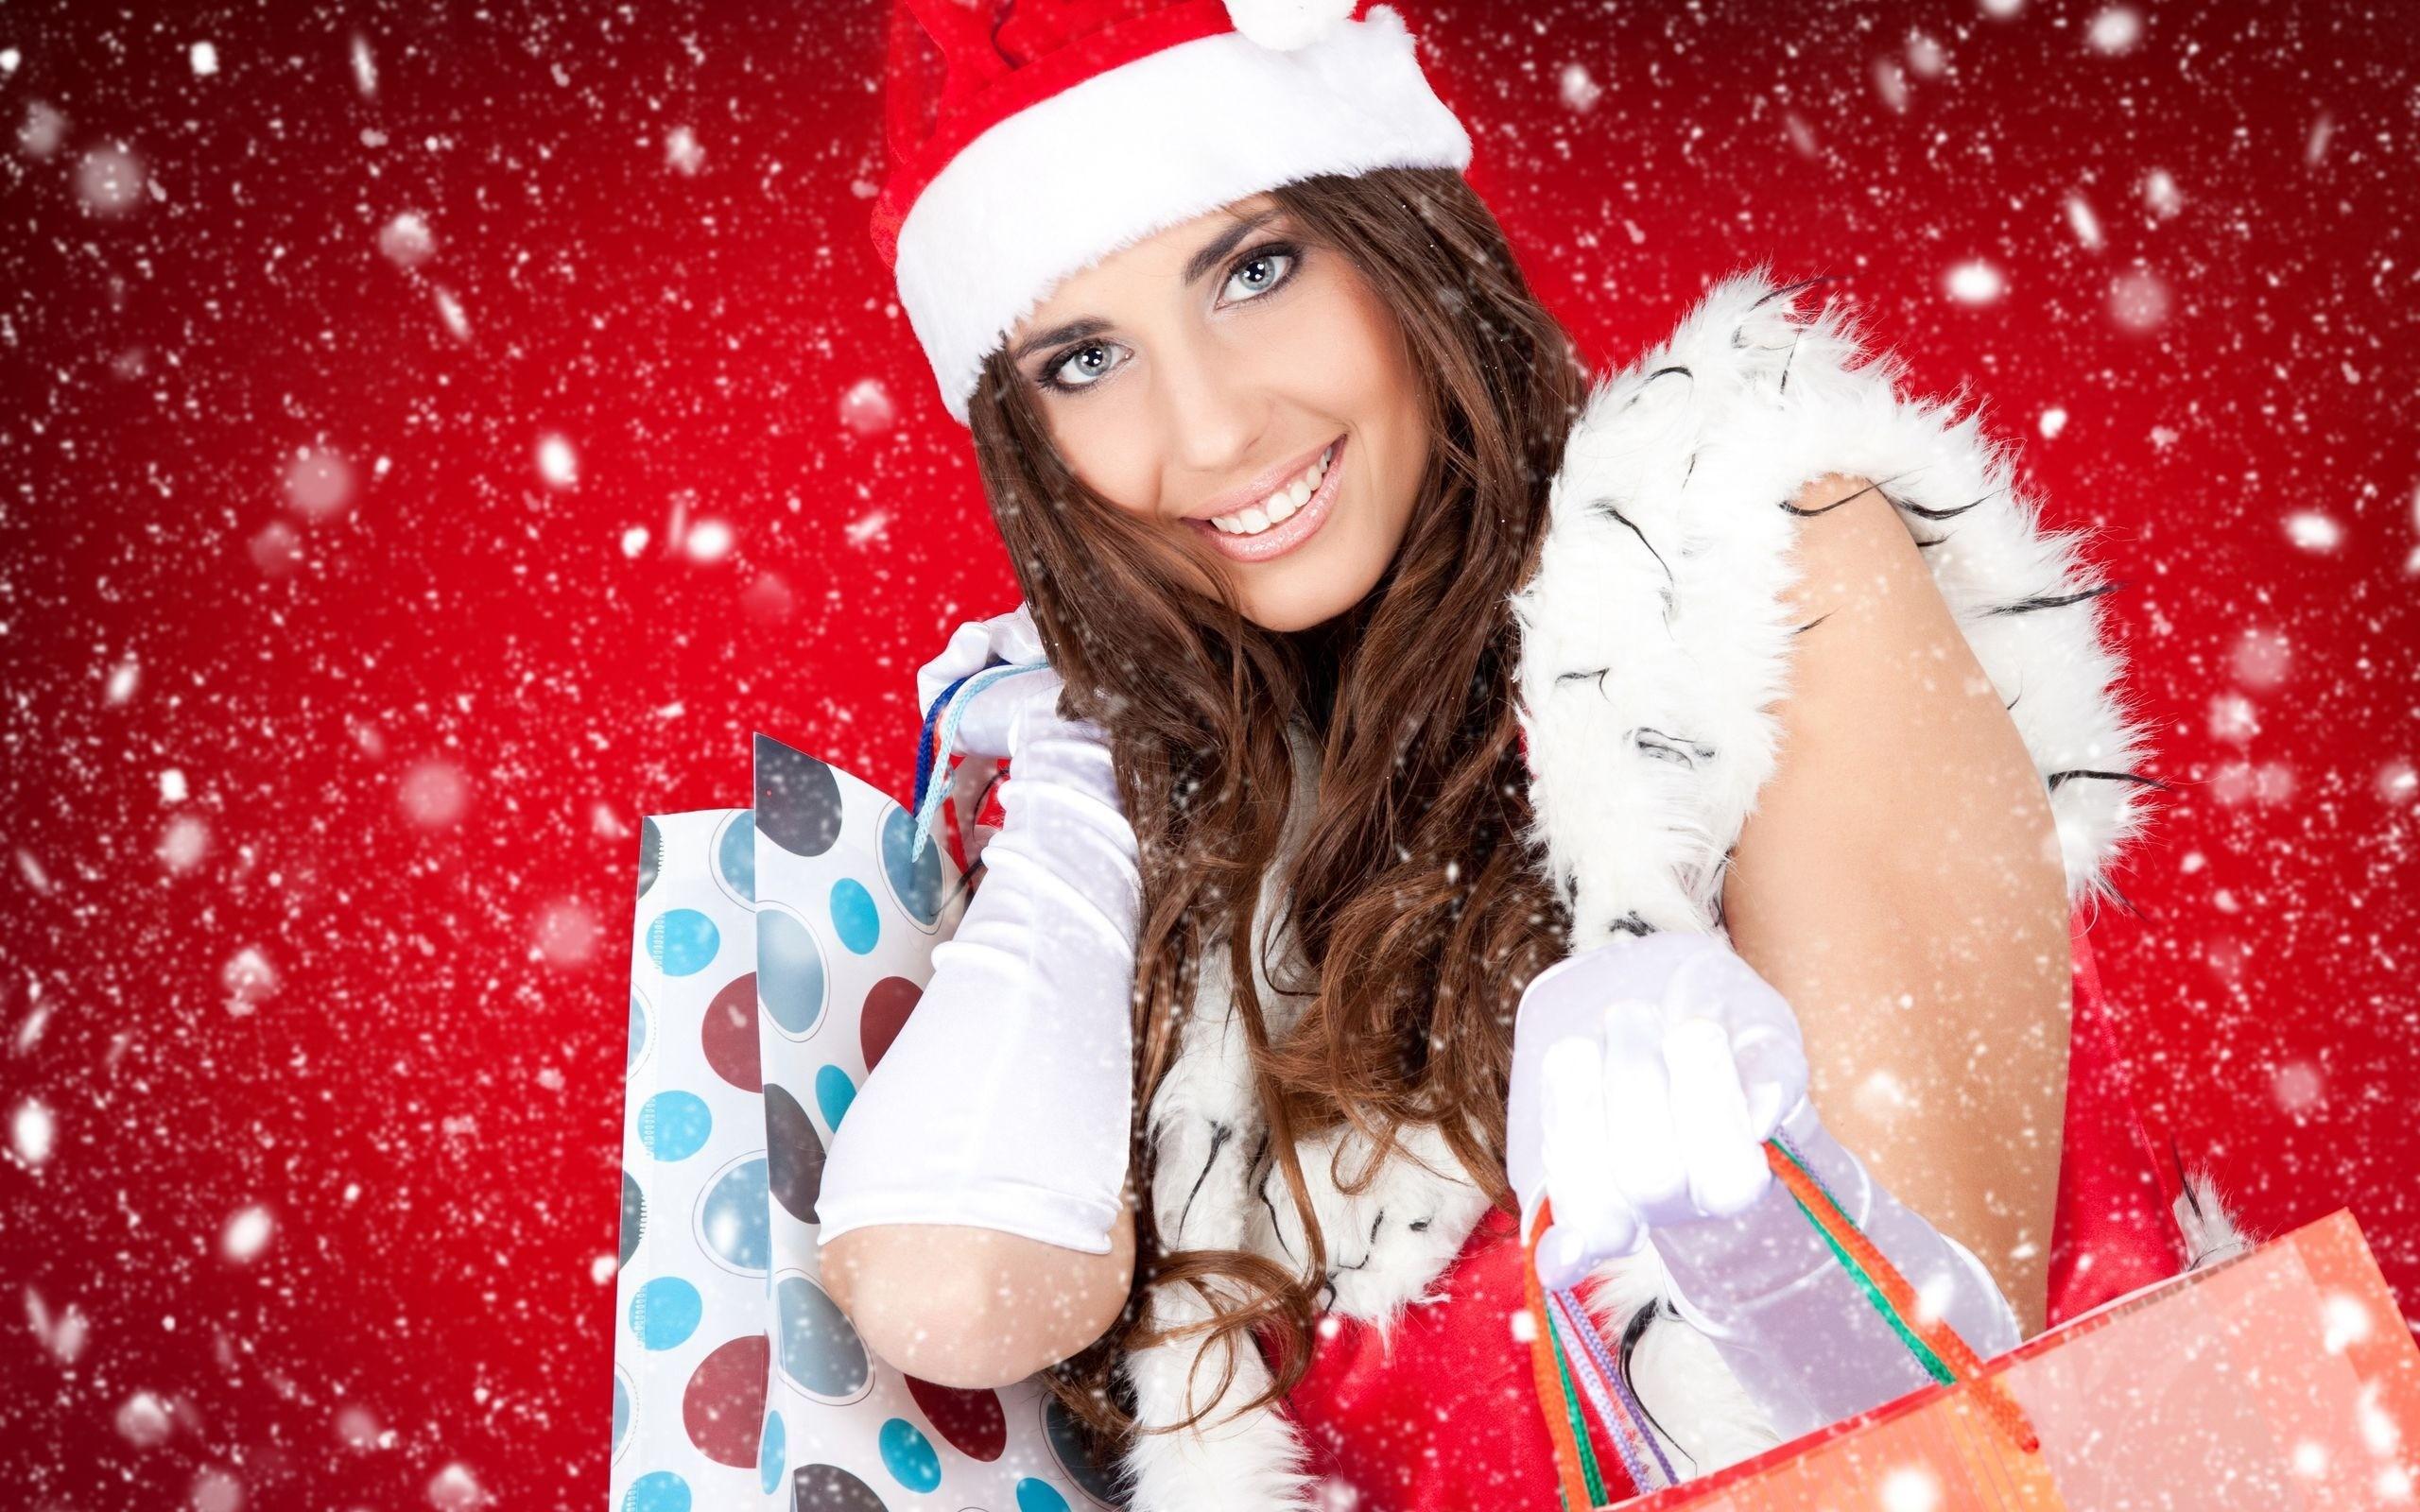 Lindas chicas con cajas de regalos navidad - 2560x1600